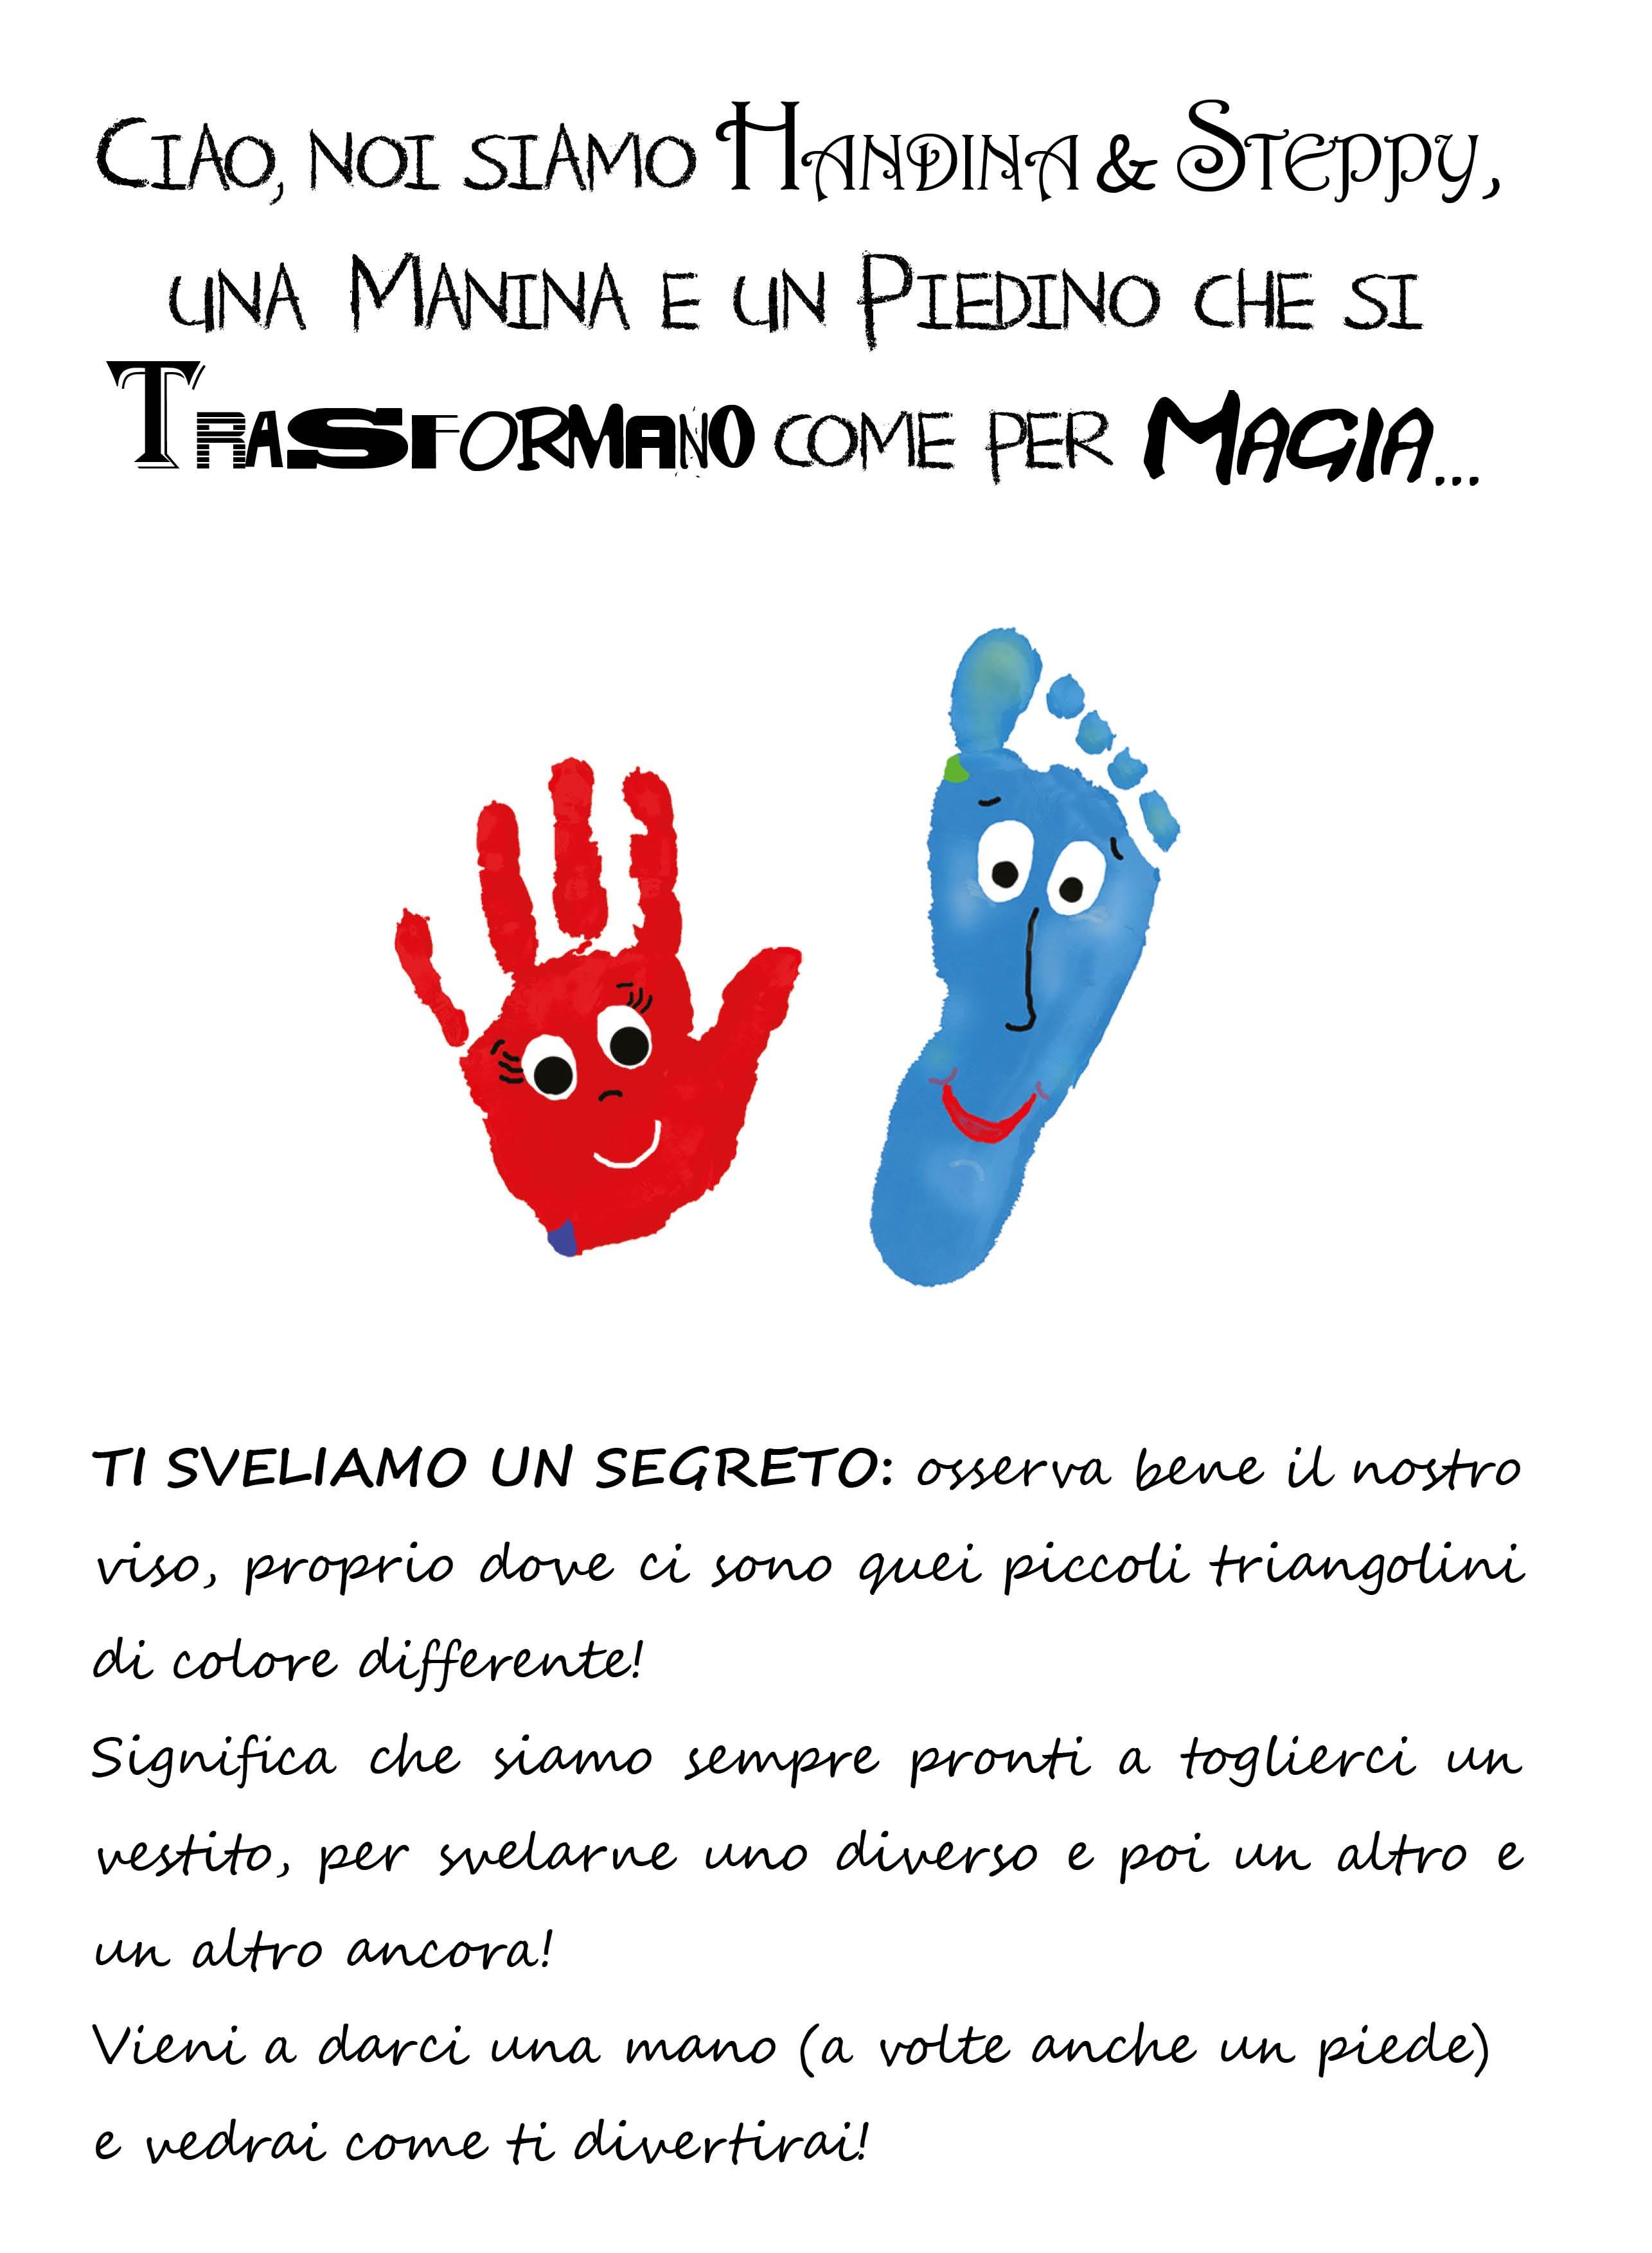 Album da colorare per Bambini a tema Invernale-Natalizio della collana Handina & Steppy. Illustrato con Impronte di Manine e Piedini in trasformazione.